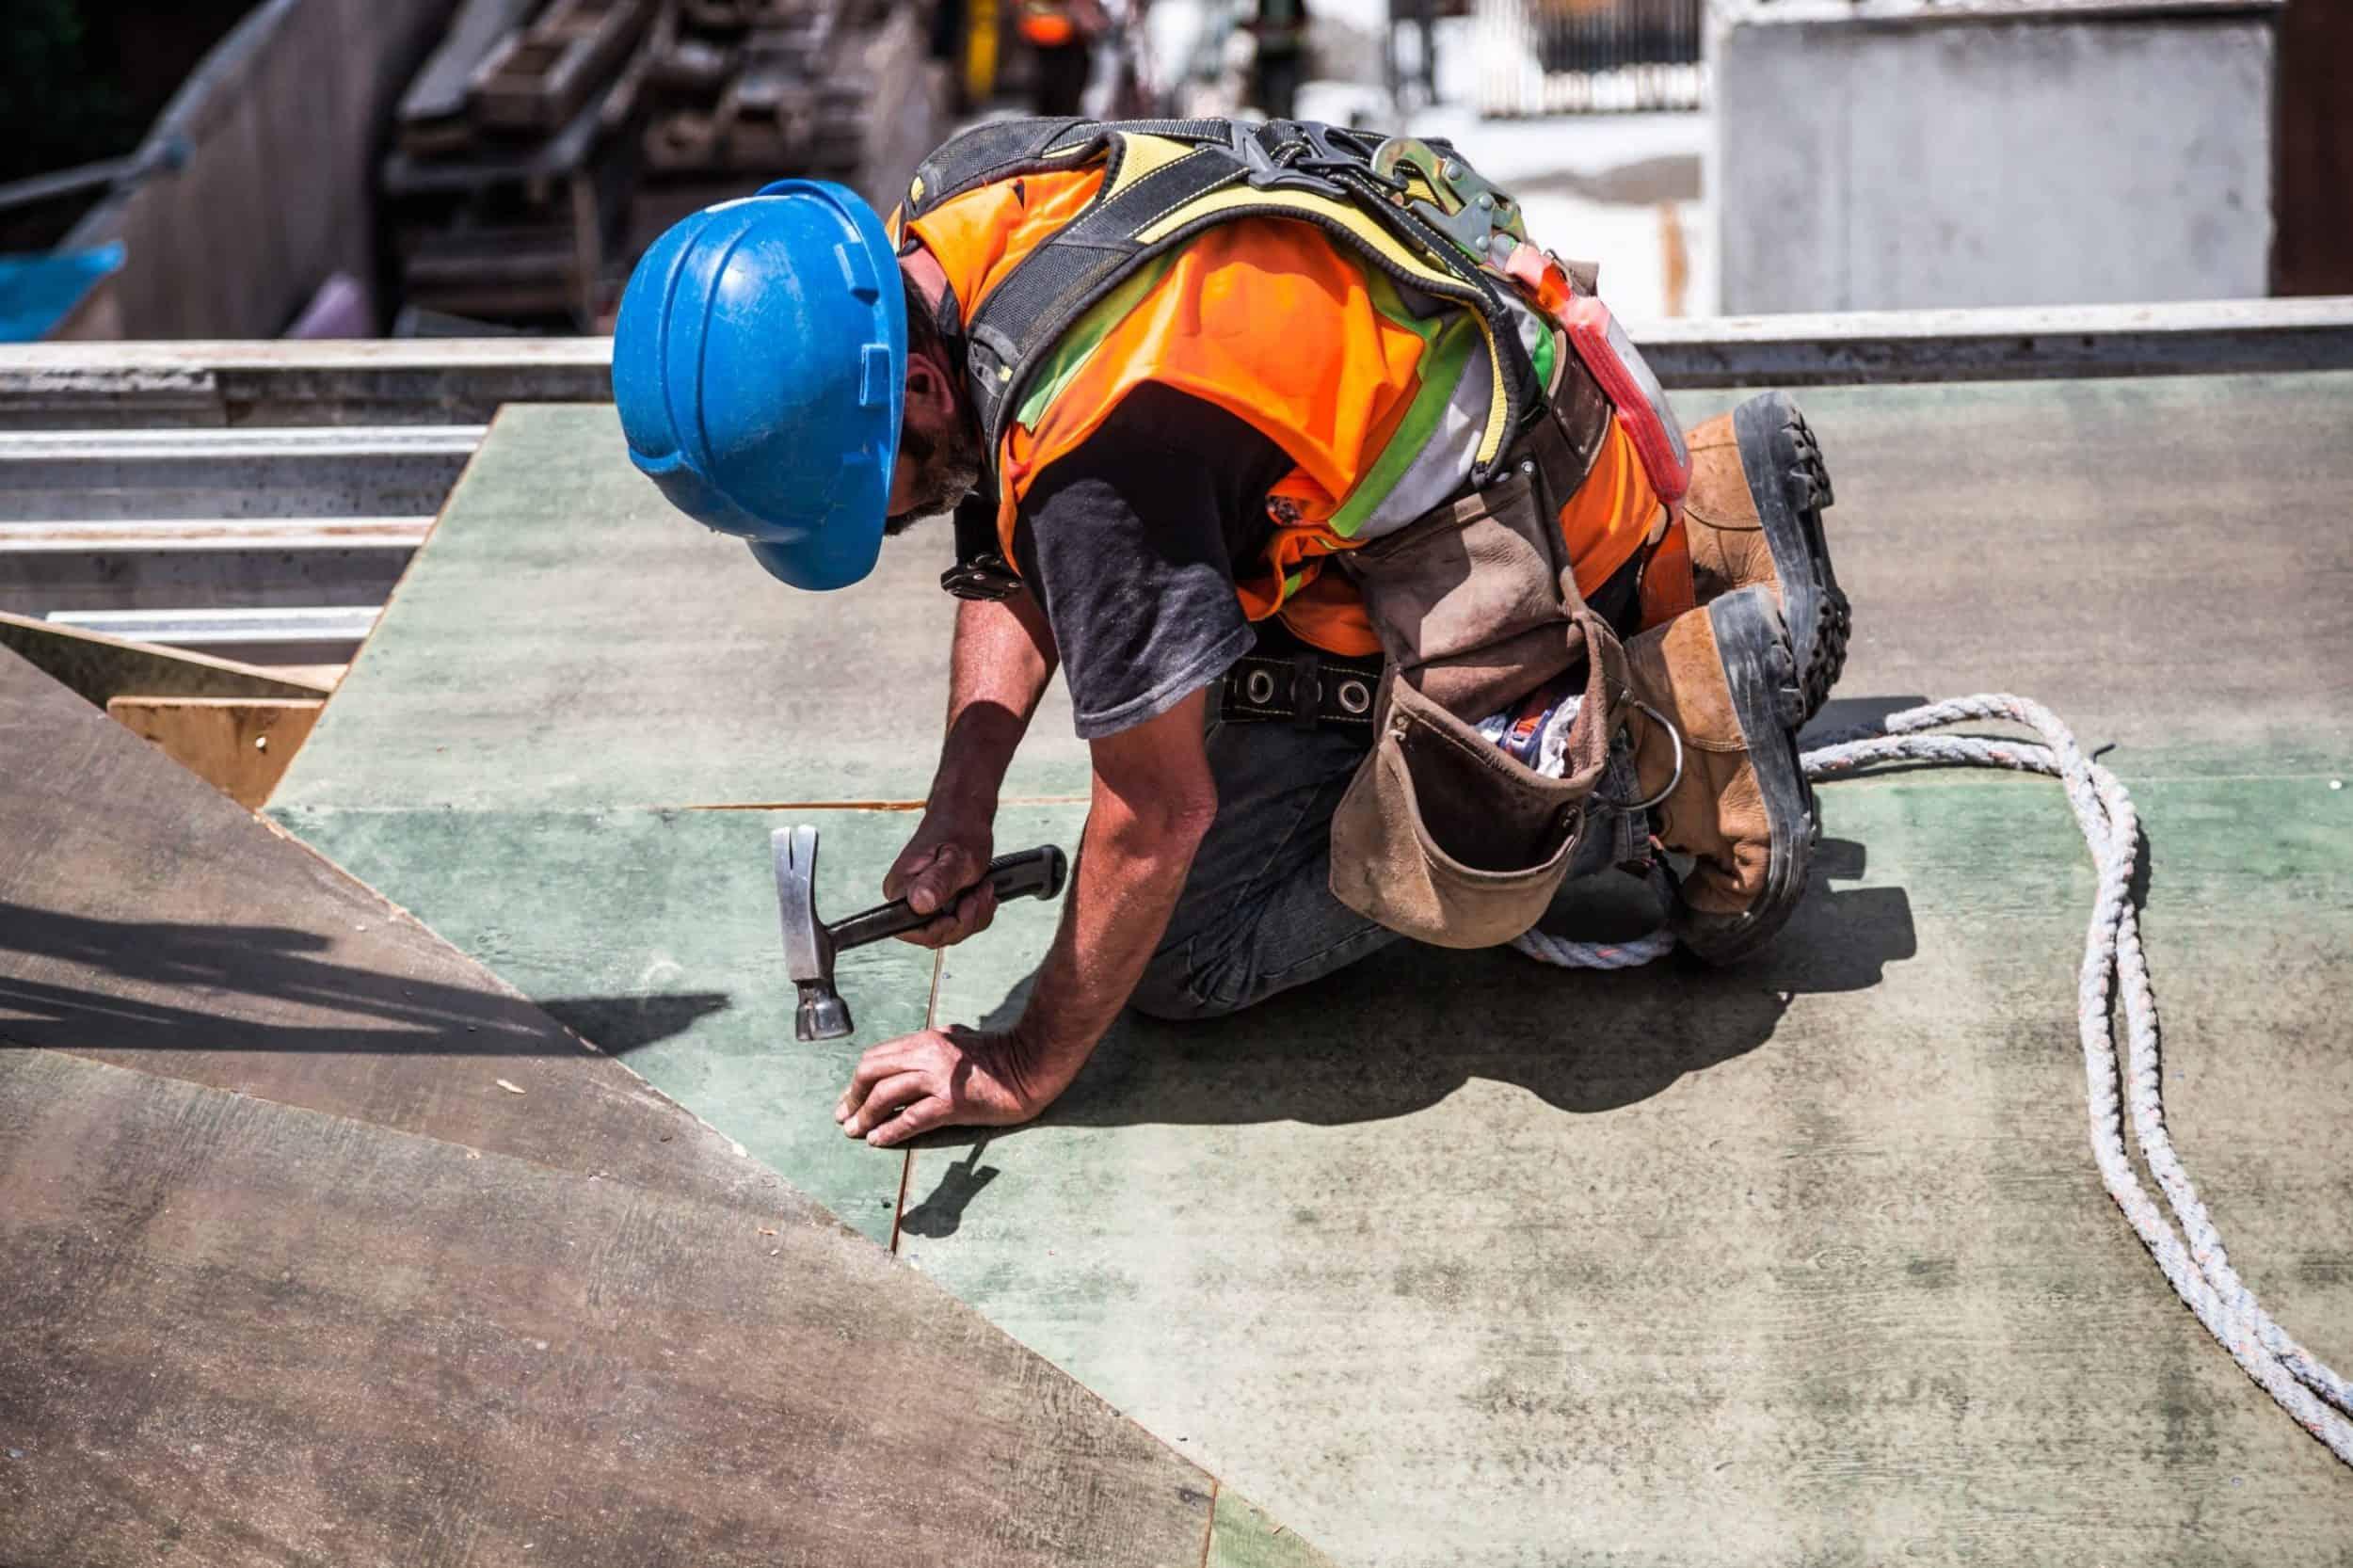 Baufachhandwerker mit blauem Helm am arbeiten